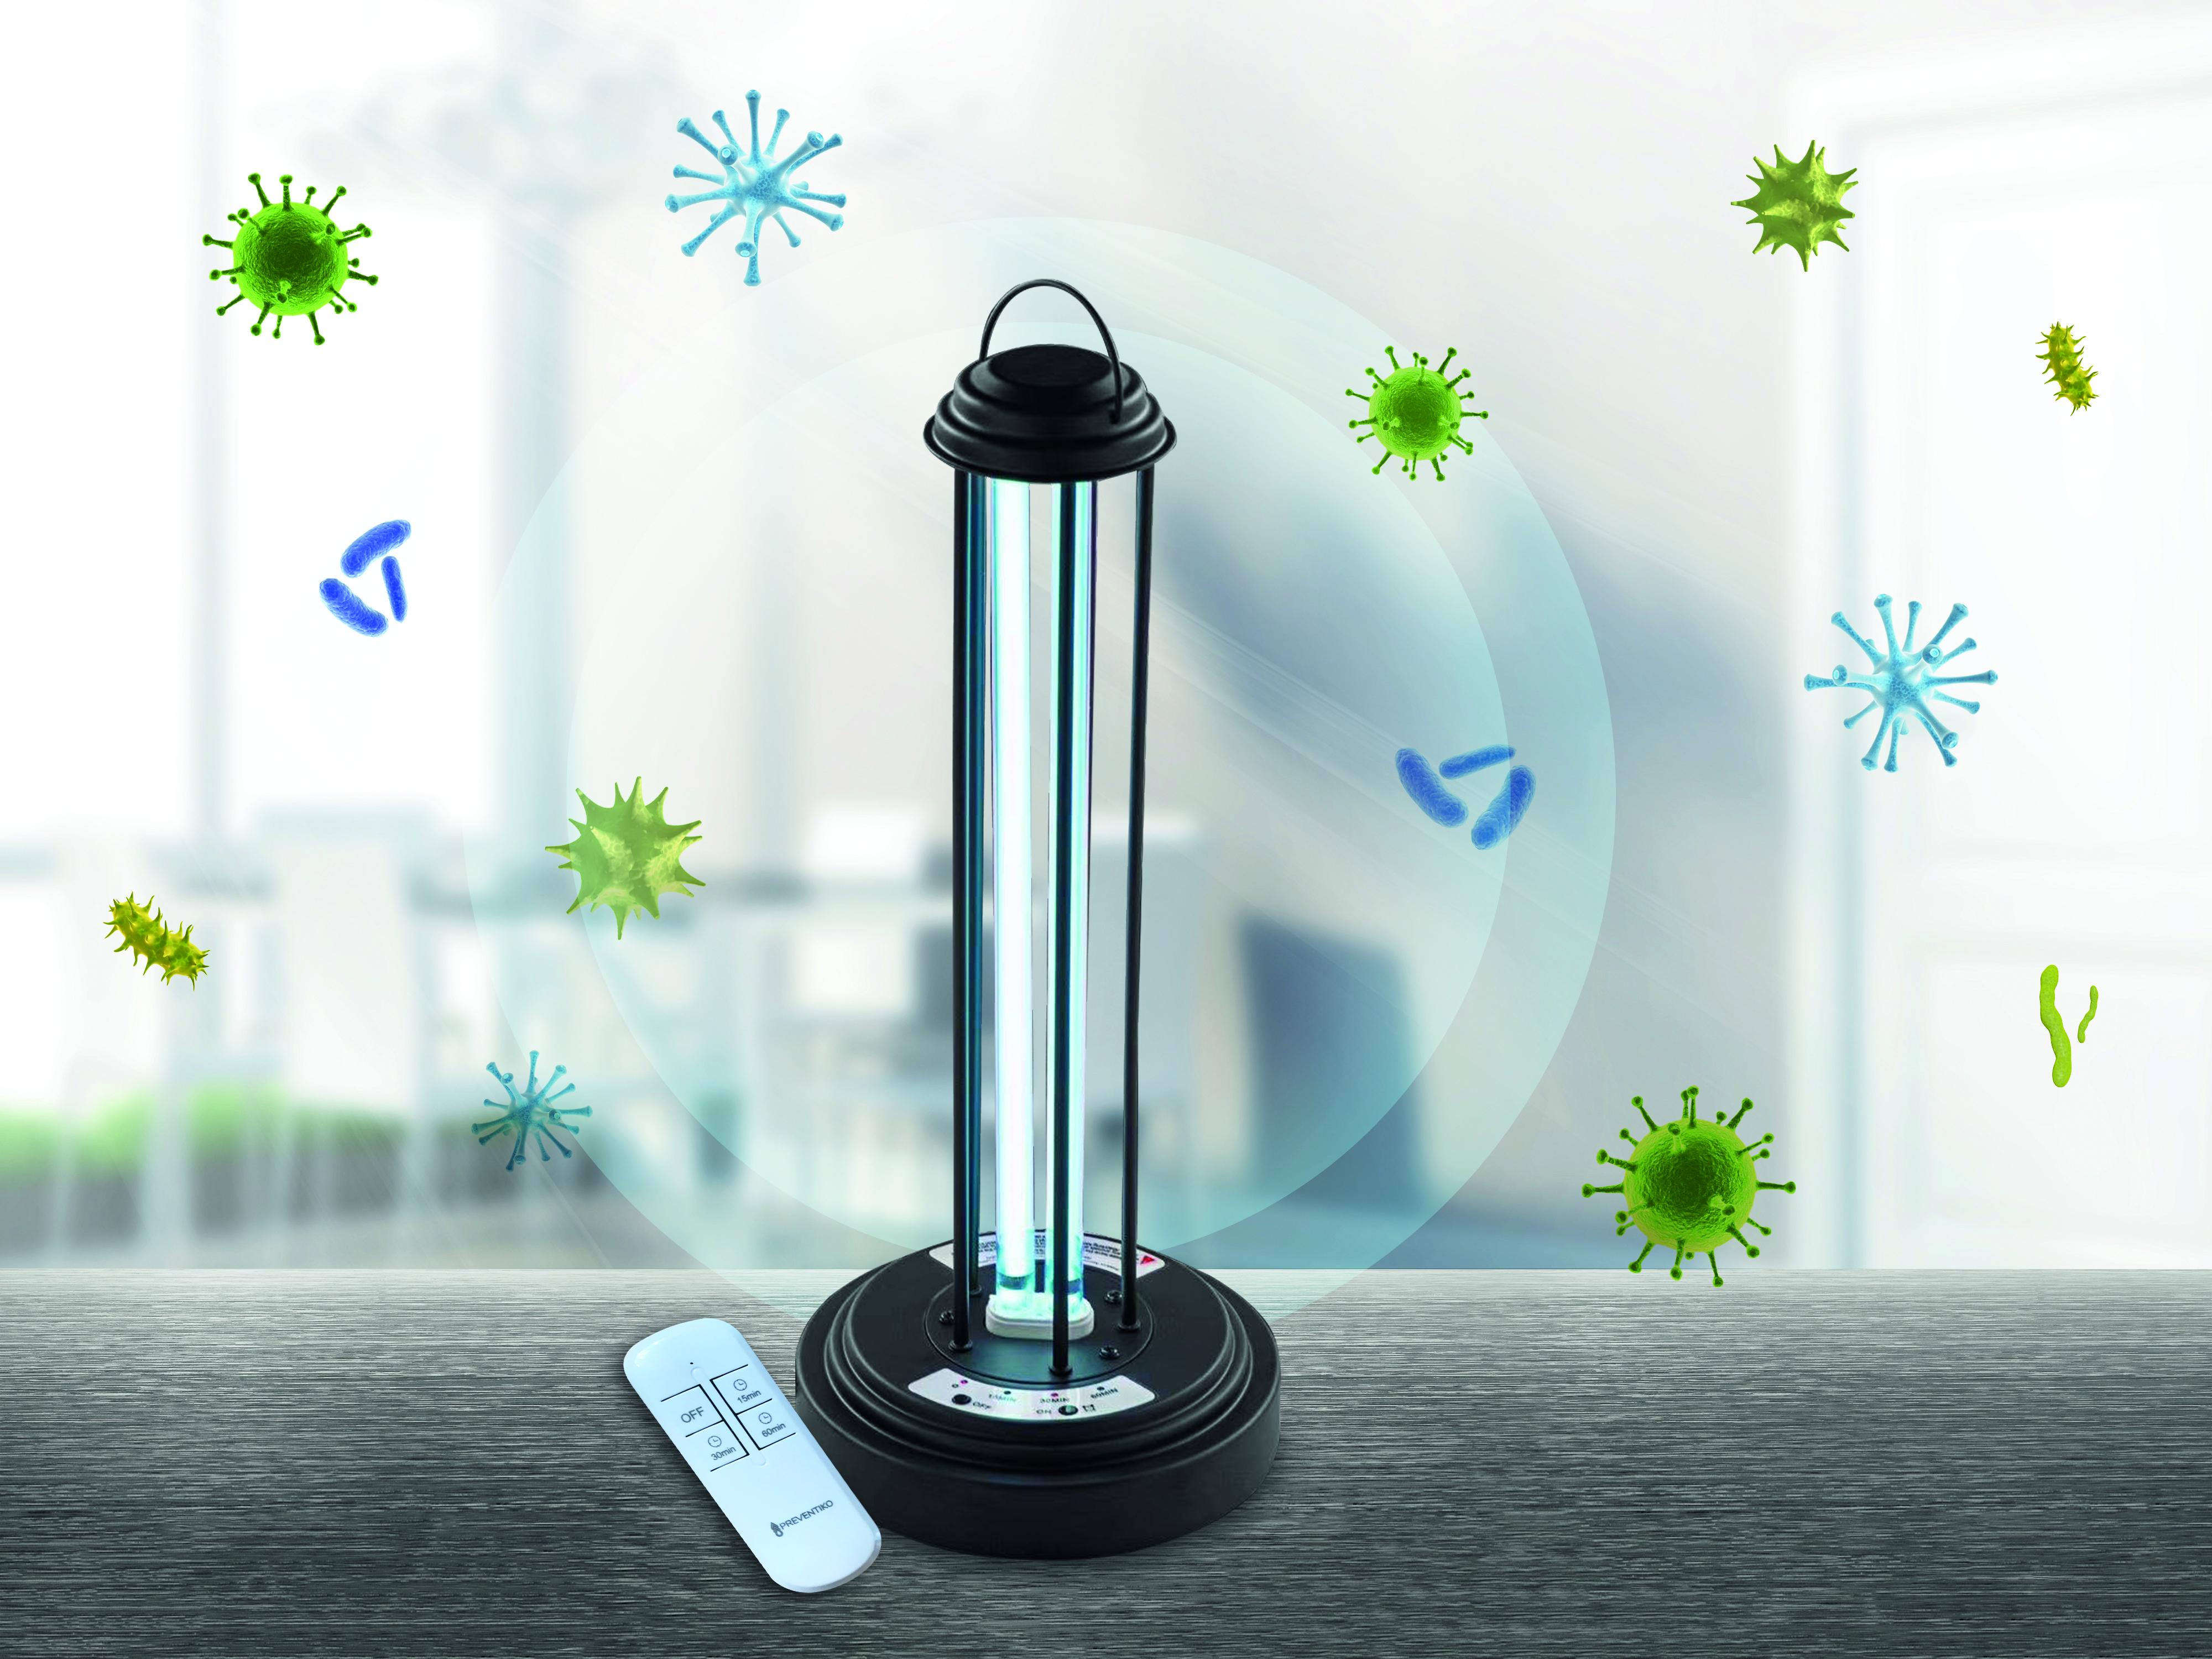 Rychlá a účinná dezinfekce vaší provozovny? Zkuste germicidní UV-C lampu!